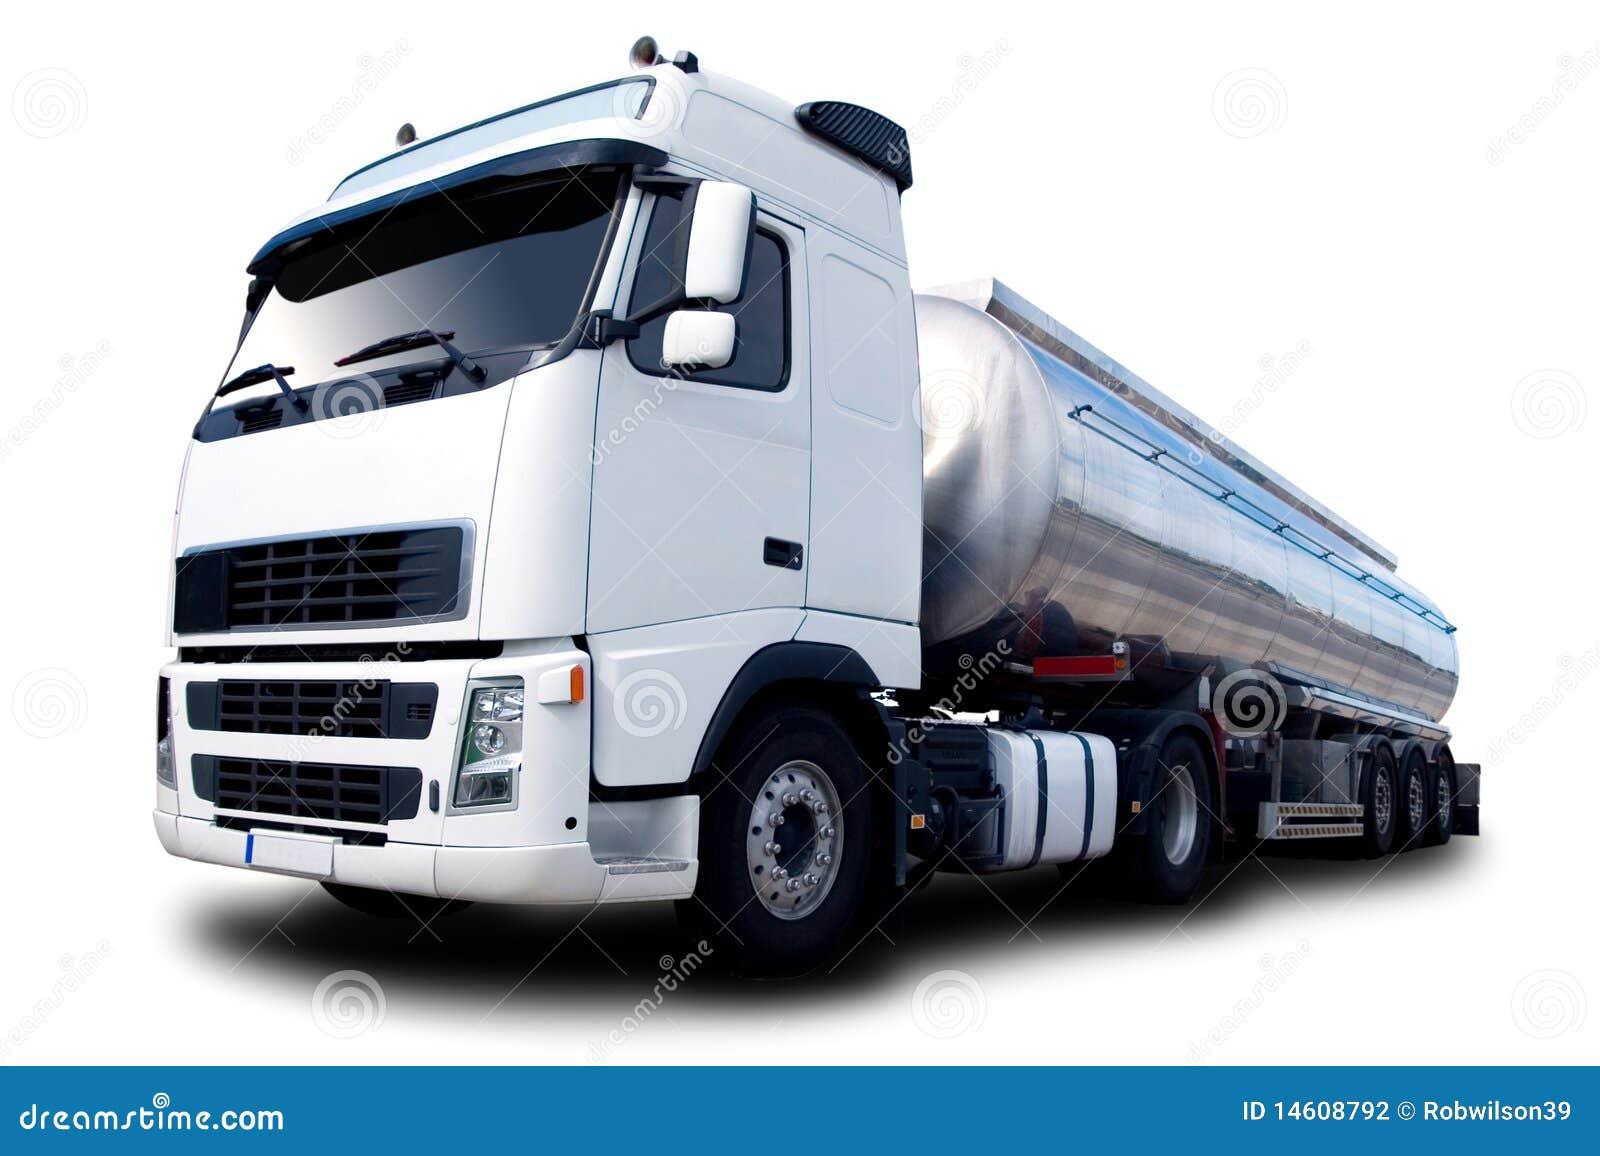 camion citerne aspirateur d 39 essence photo stock image du interstate bateau 14608792. Black Bedroom Furniture Sets. Home Design Ideas